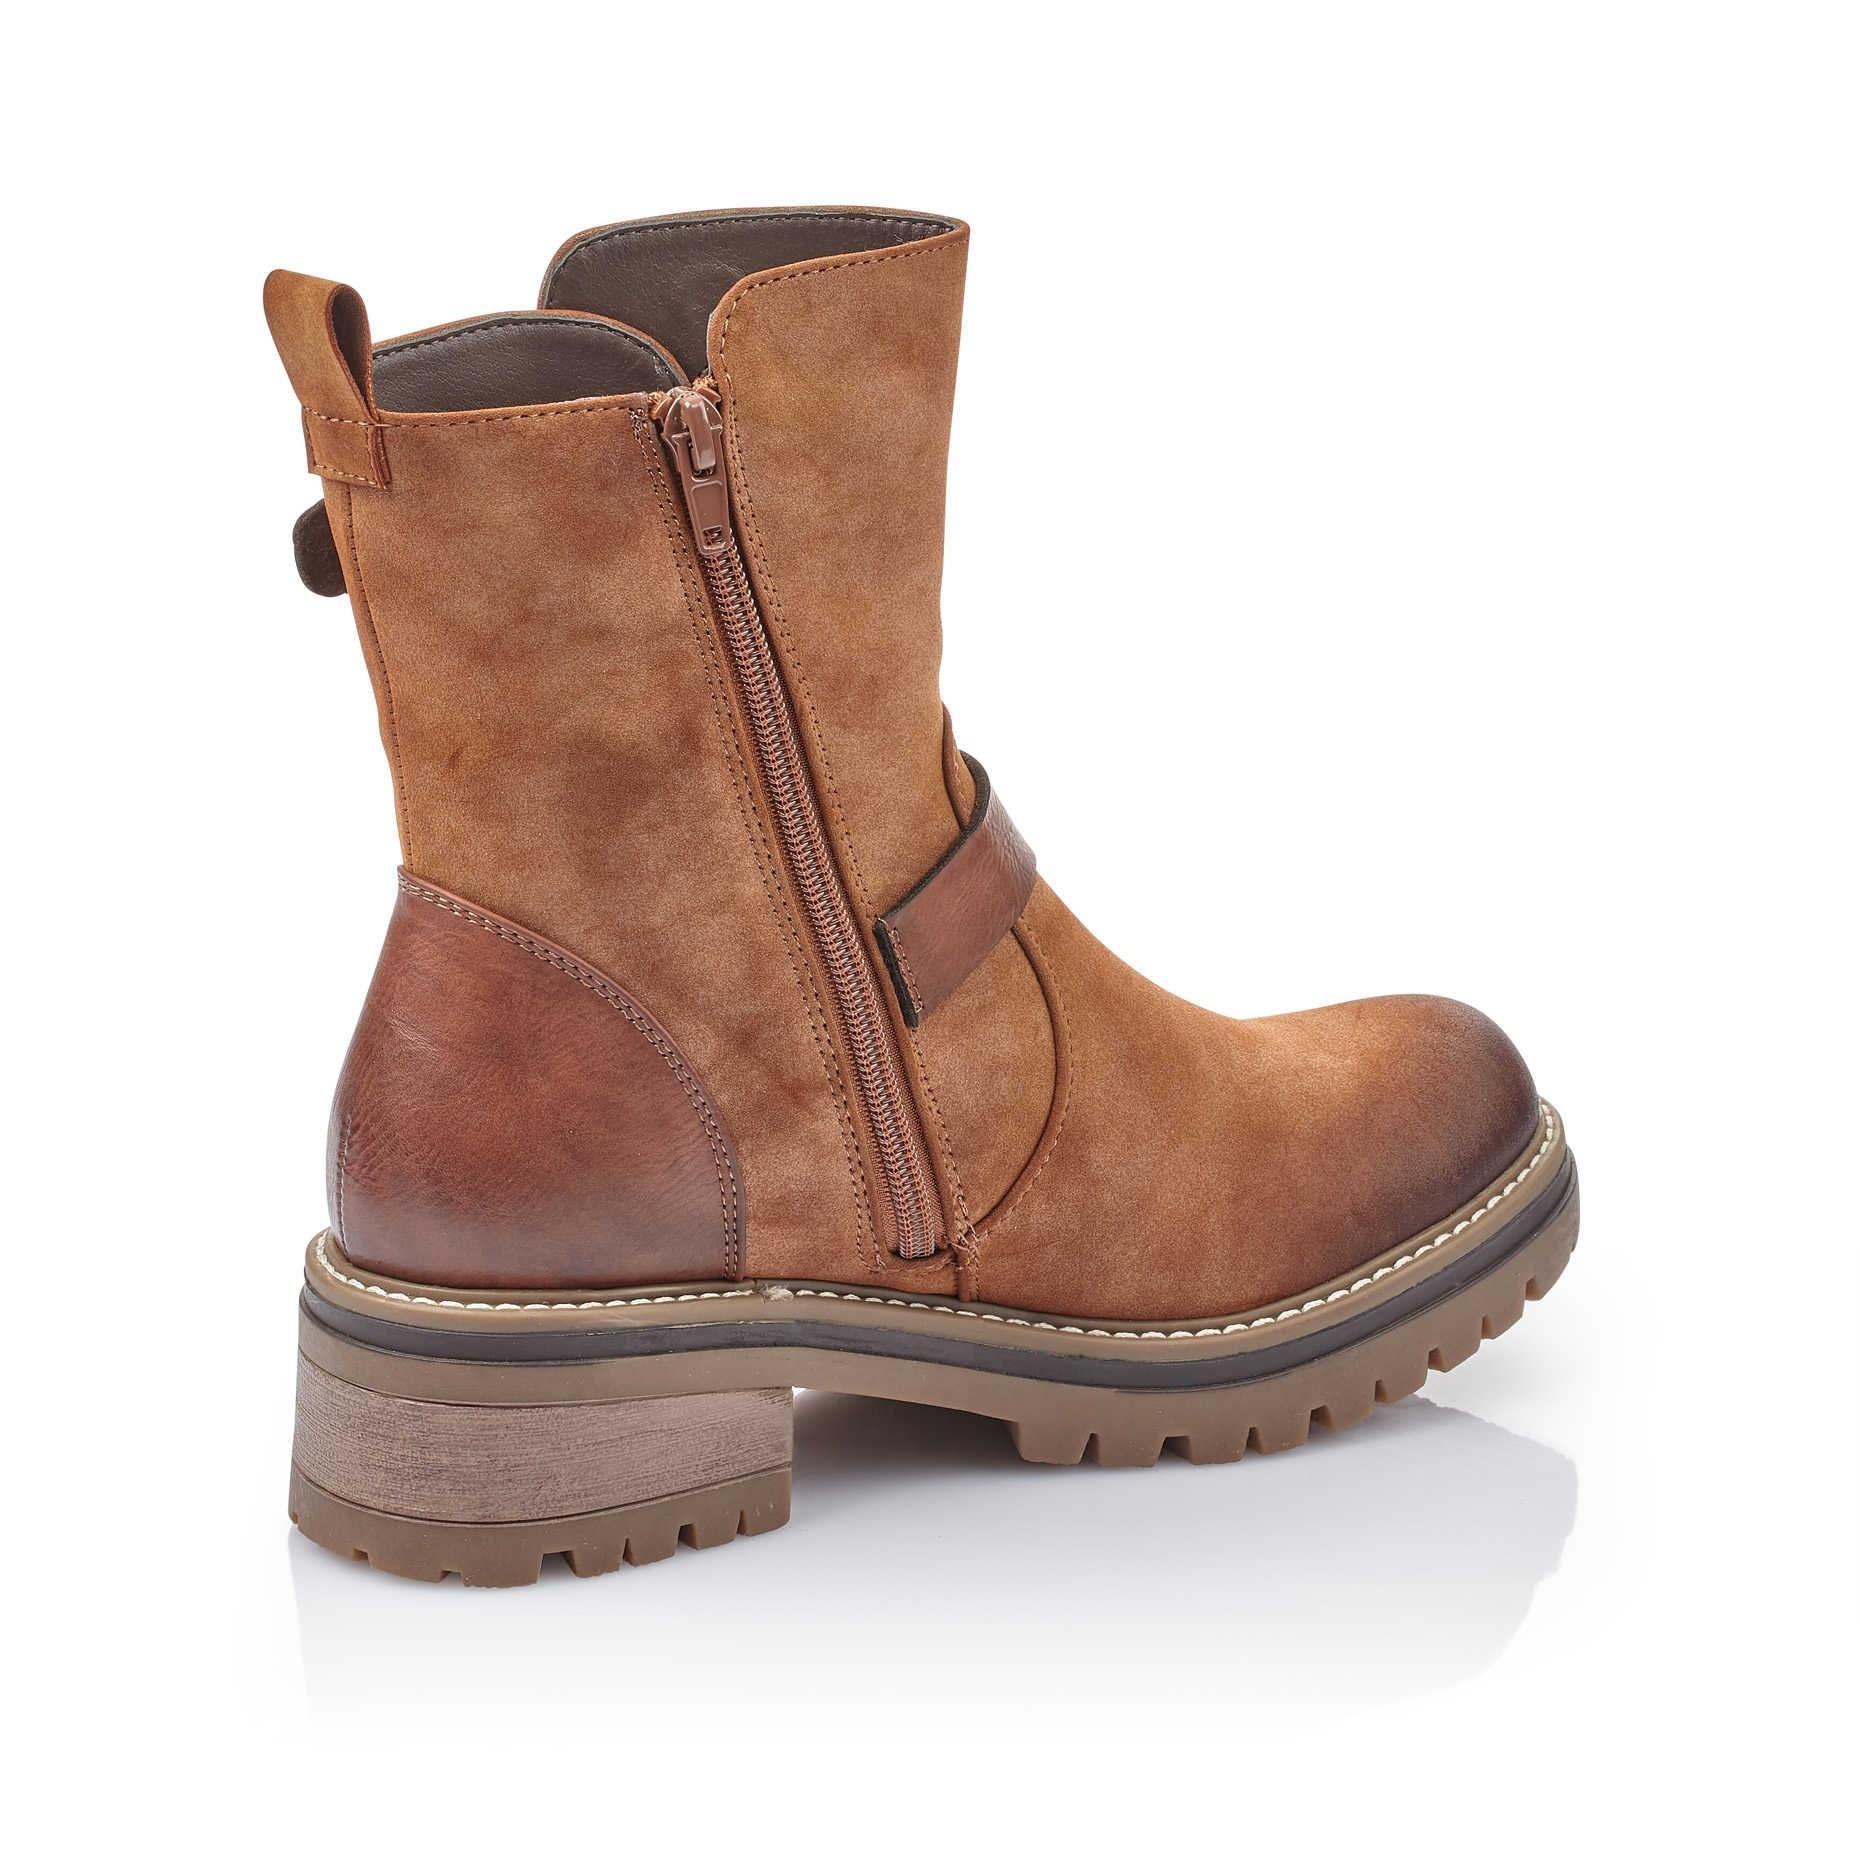 RIEKER RIEKER 96274-24 Lined Boot  Reg. $149  Sale $115